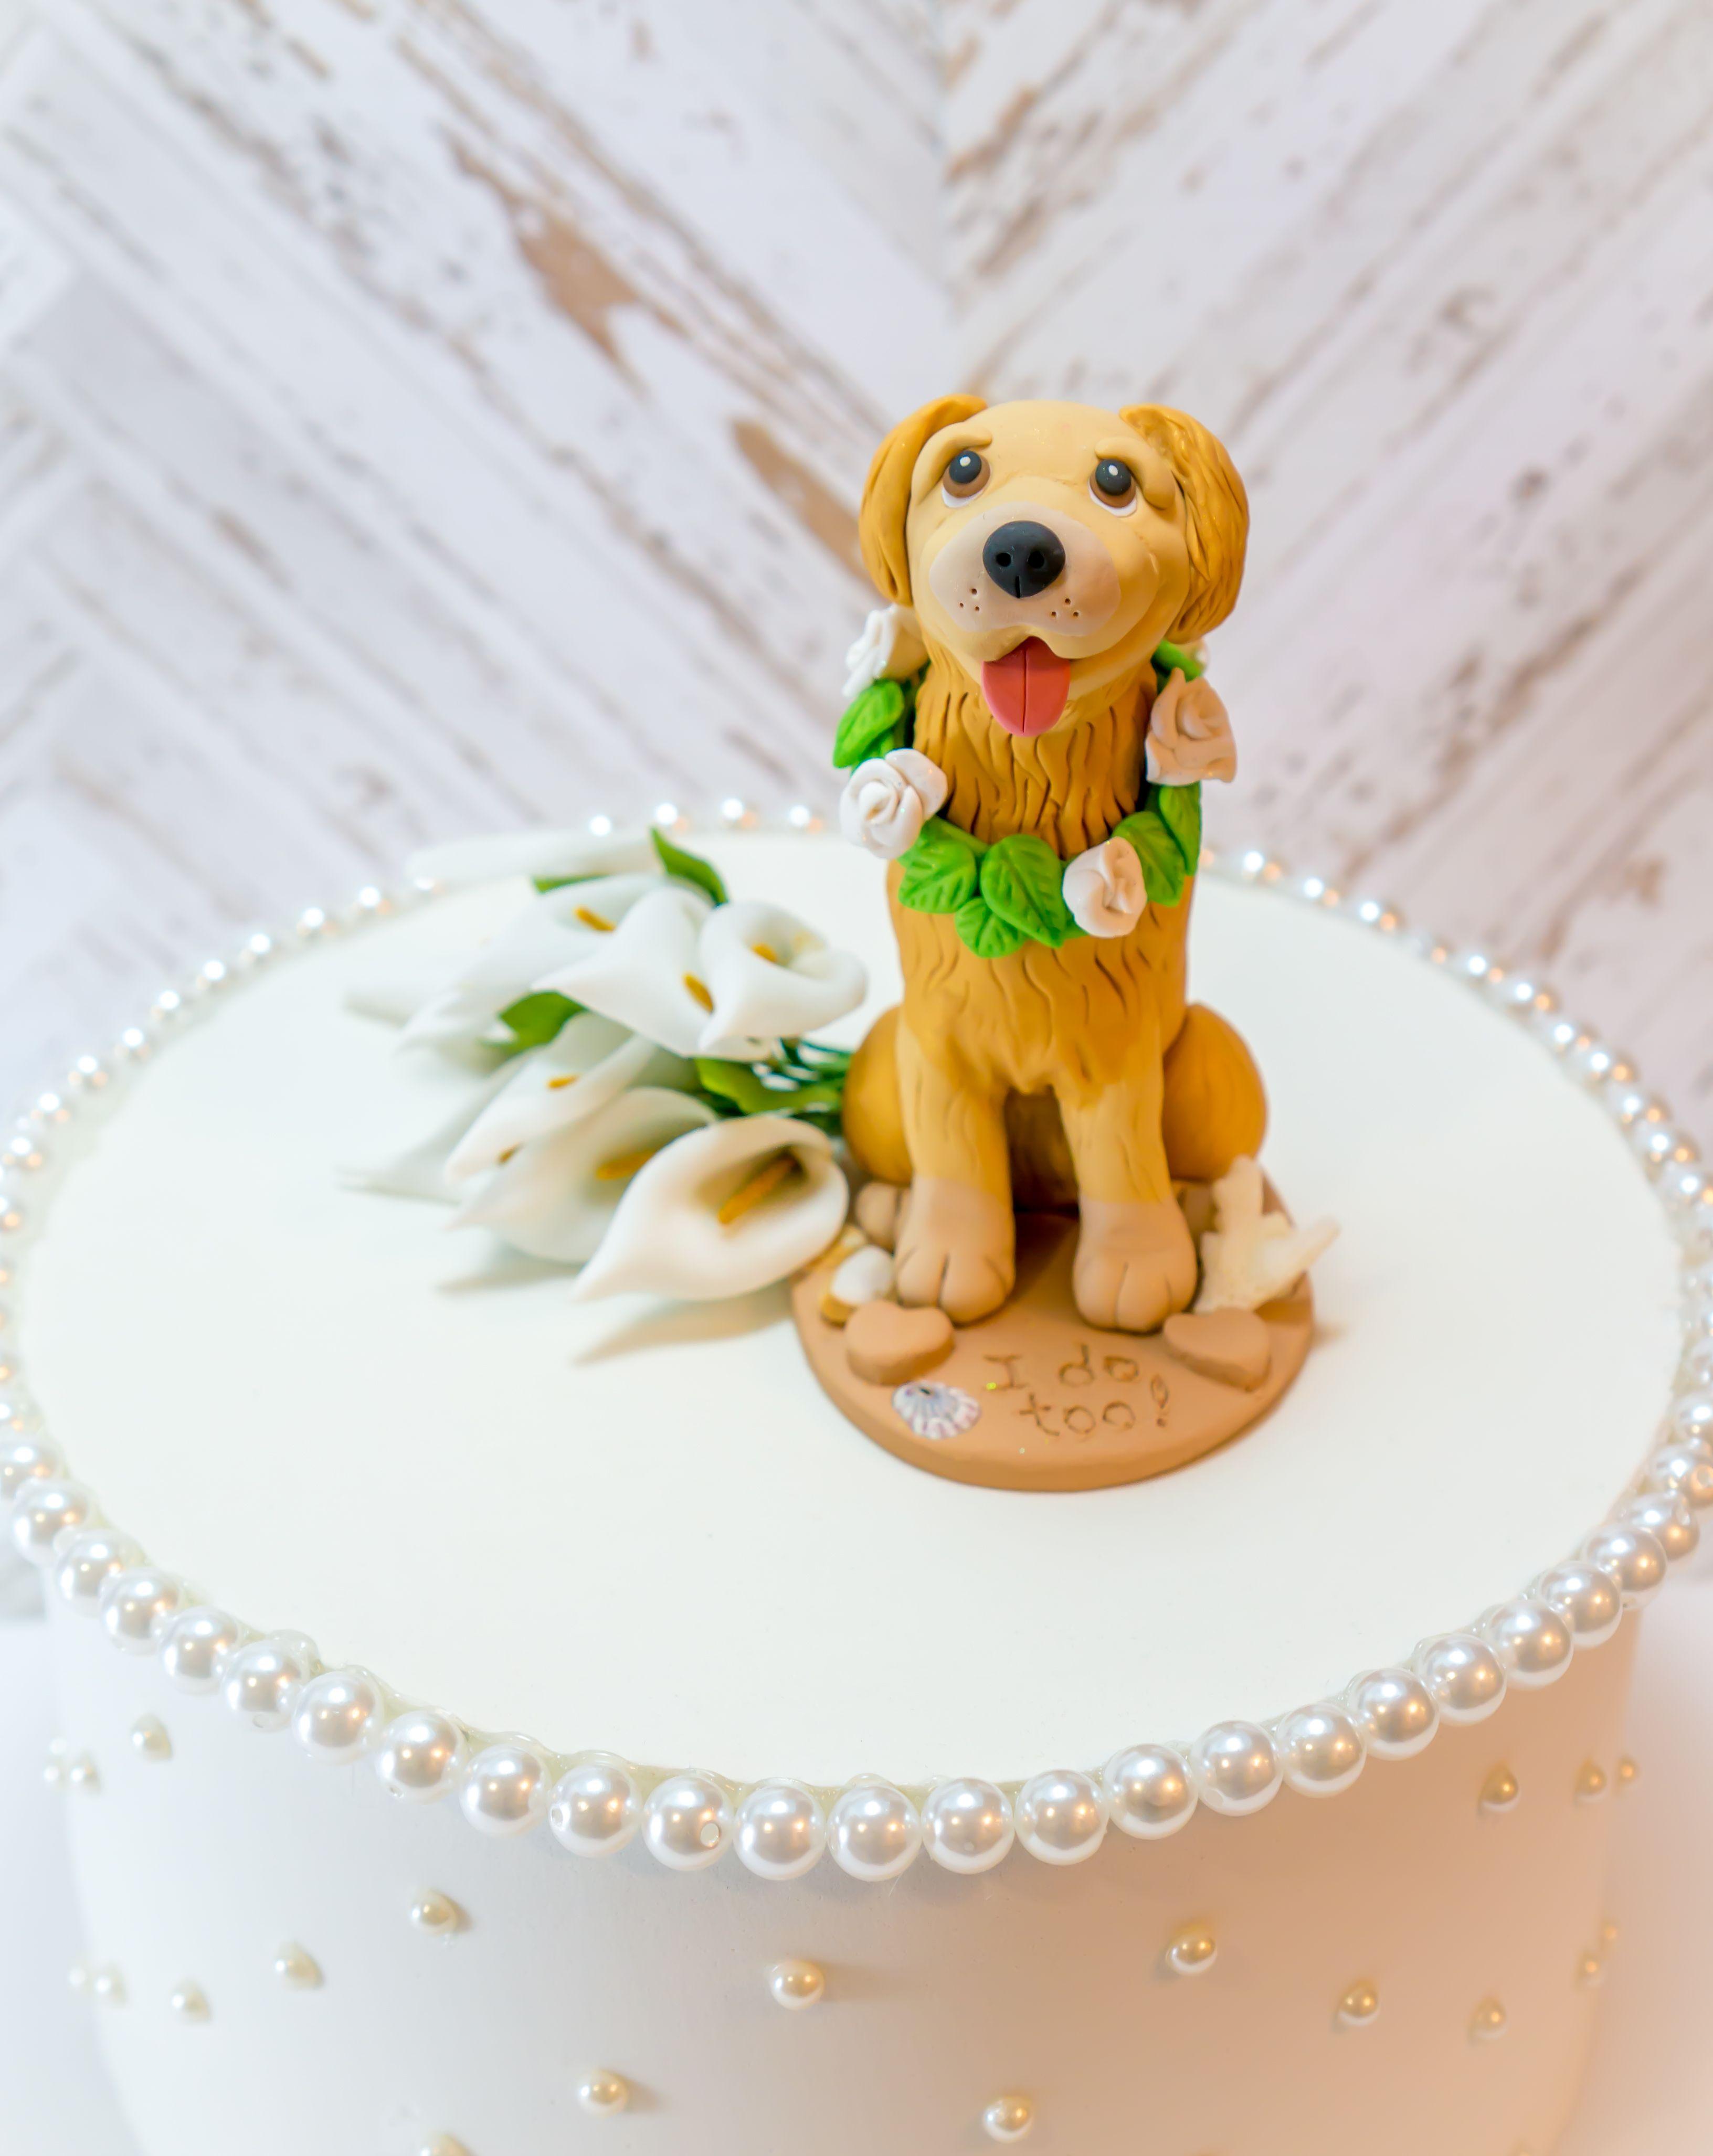 Golden Retriever Wedding Dog Cake Topper With The Words I Do Too